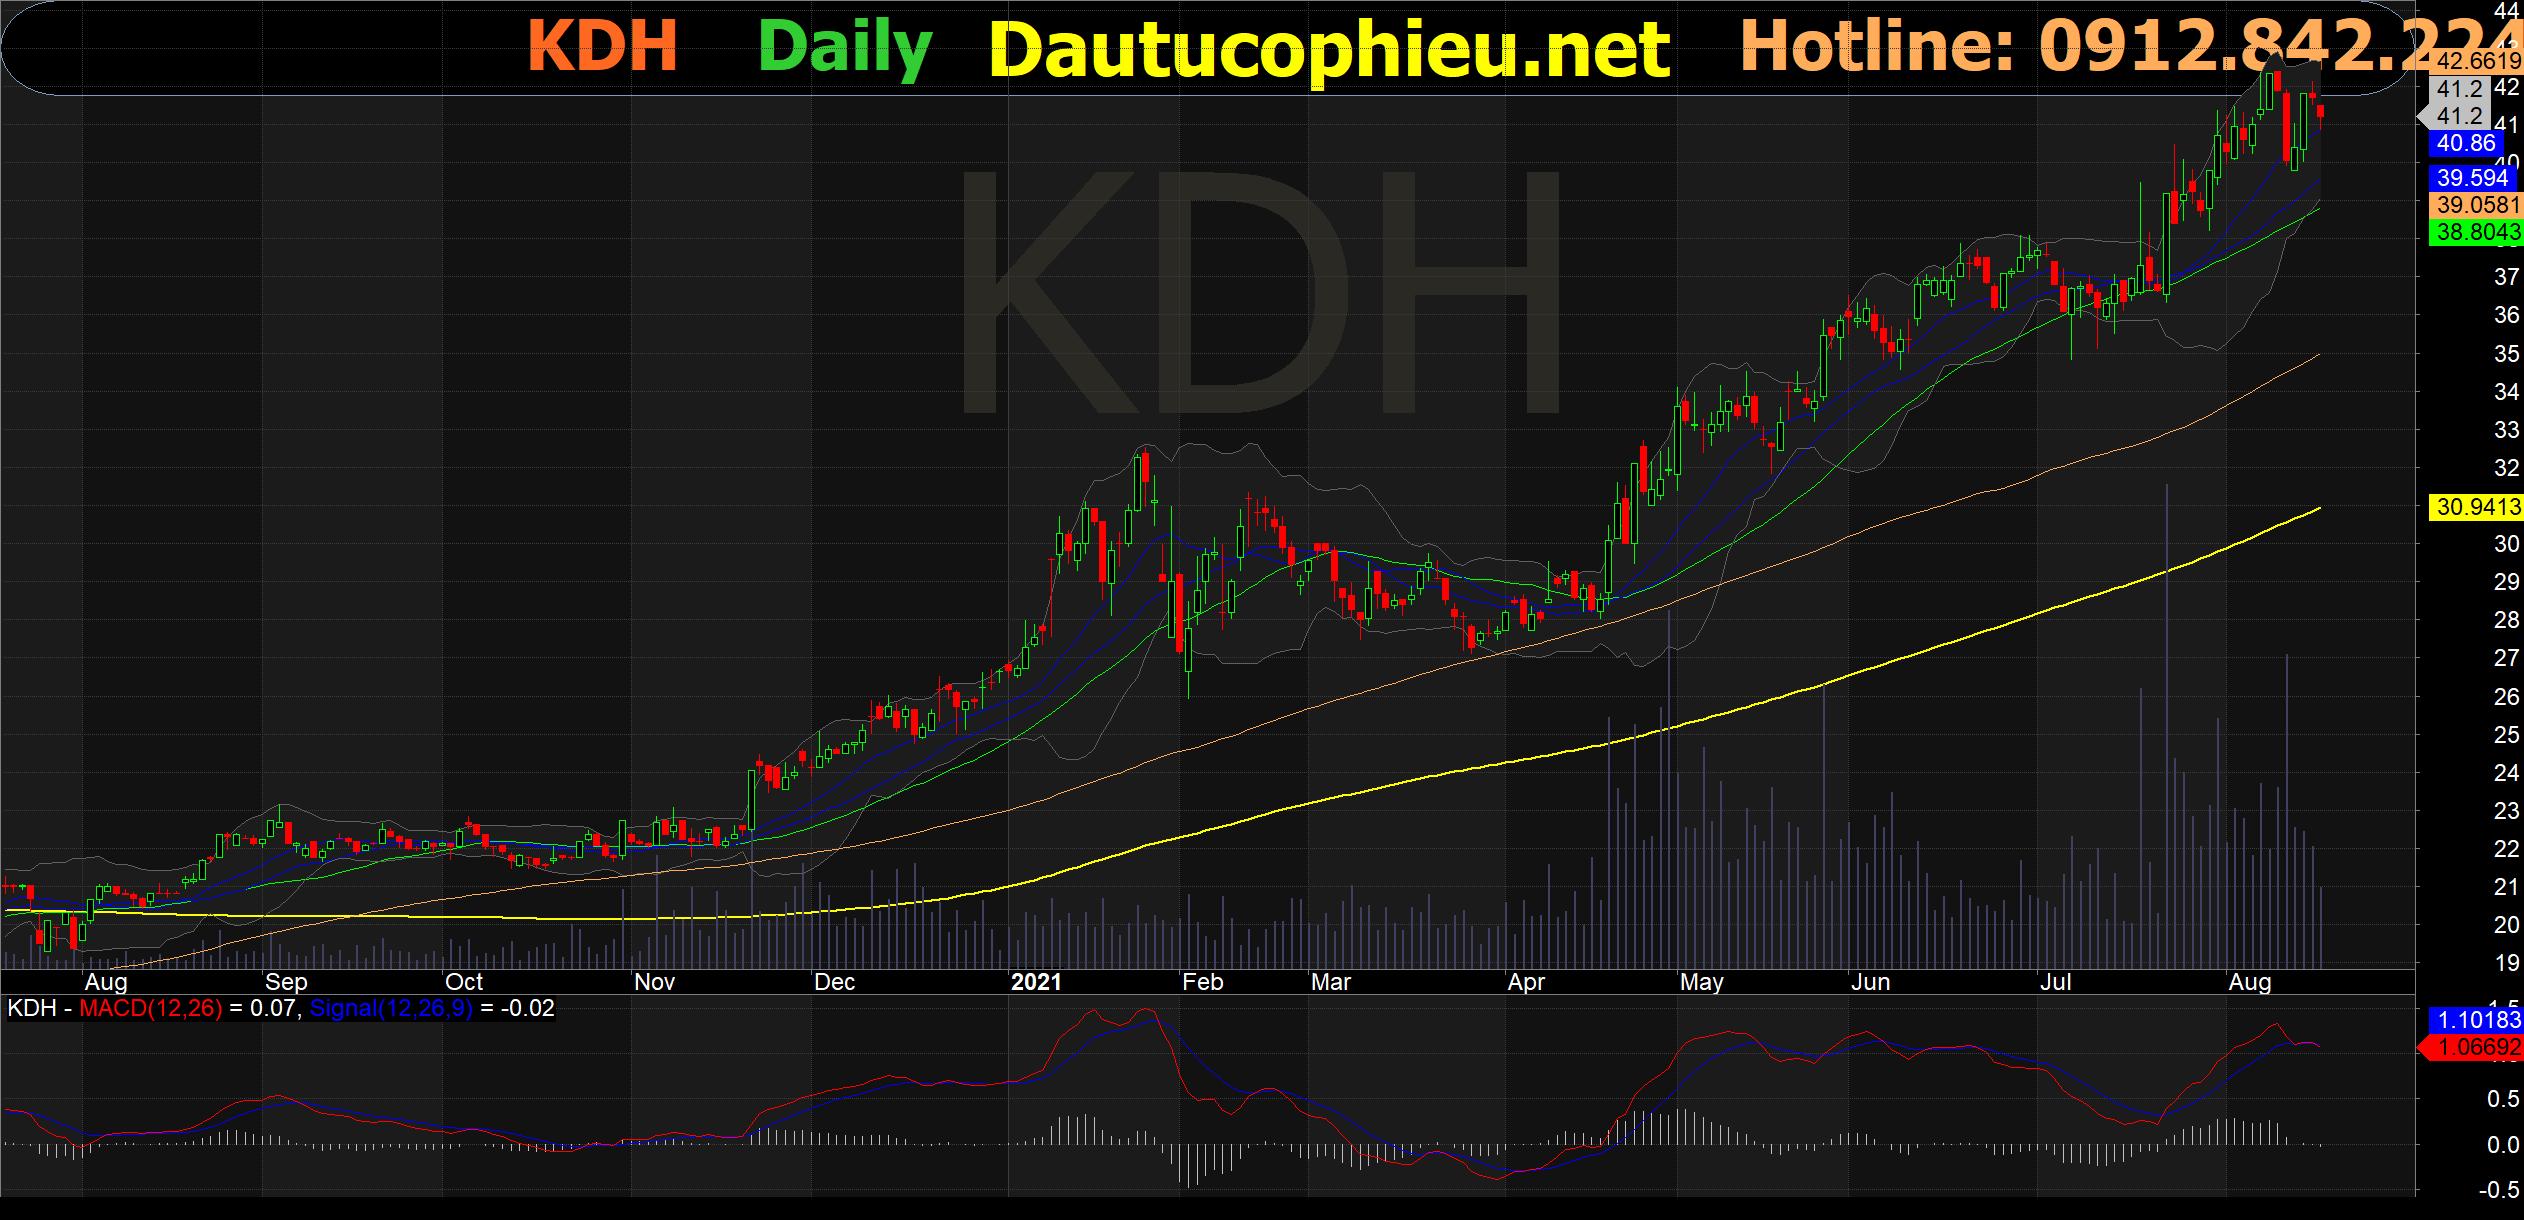 Đồ thị cổ phiếu KDH phiên giao dịch ngày 17/08/2021. Nguồn: AmiBroker